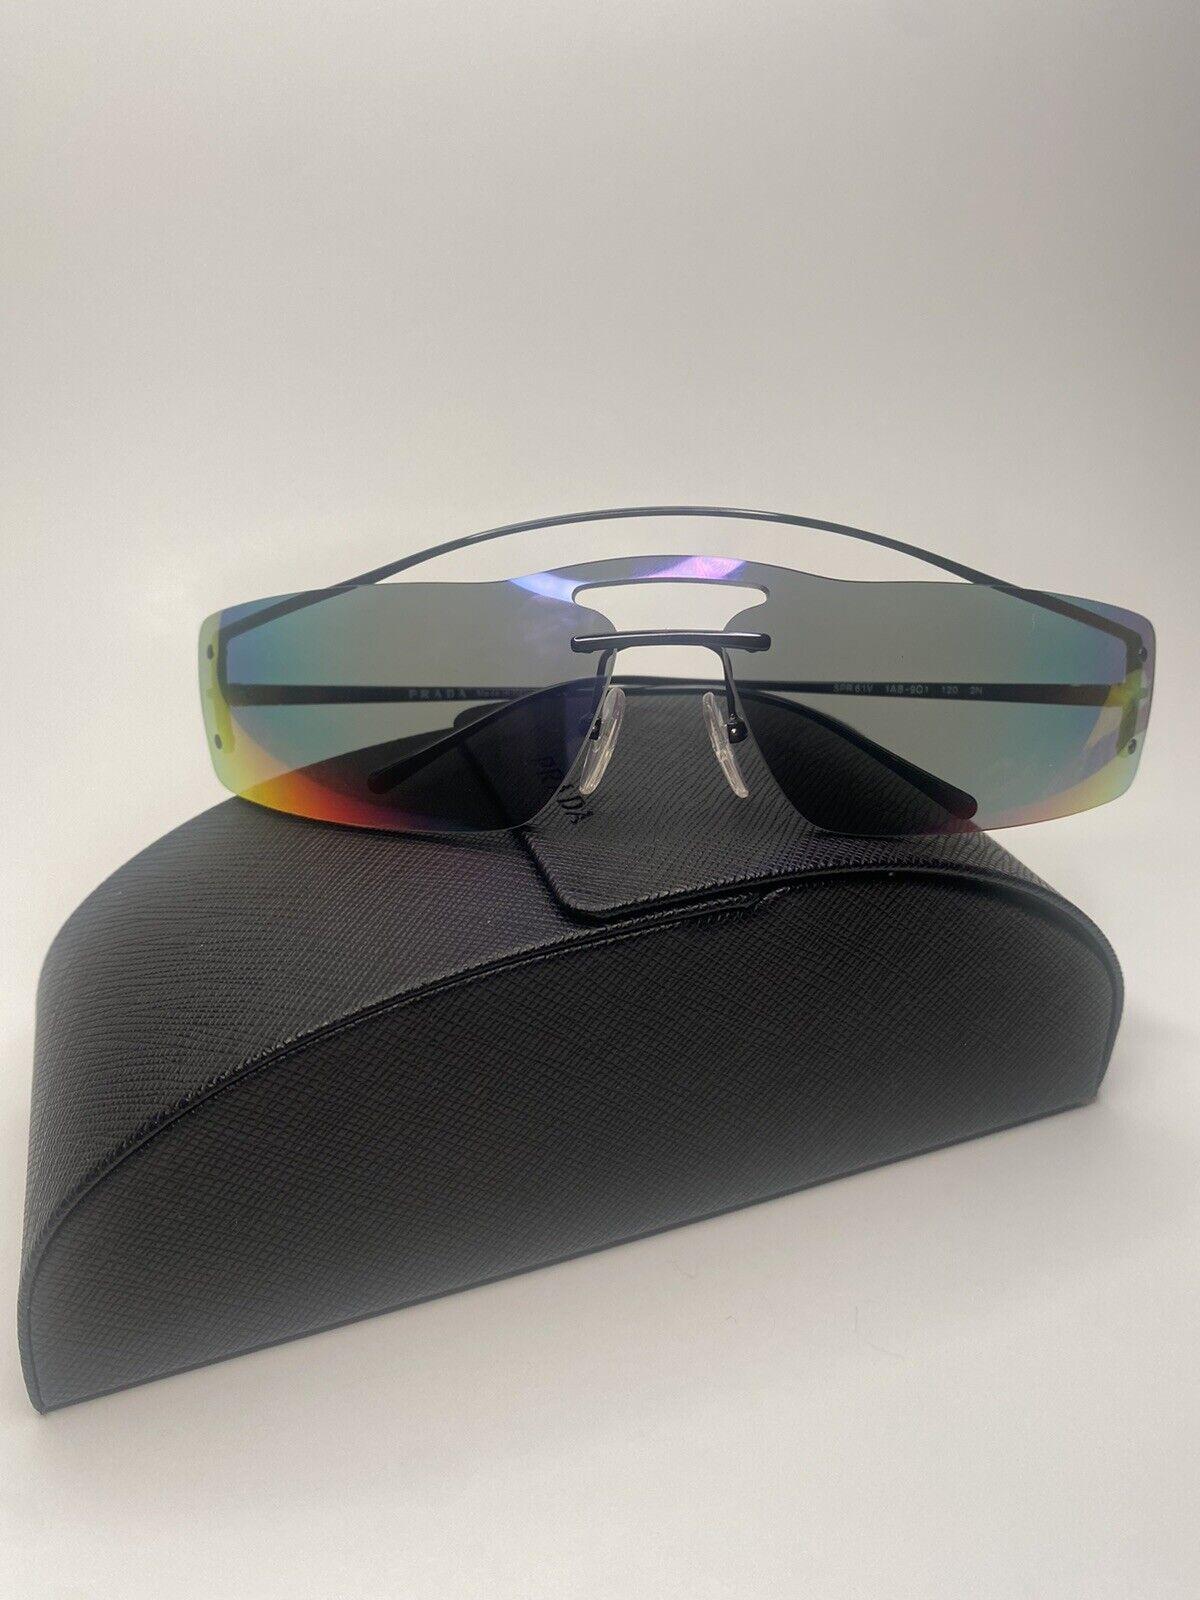 Prada Sunglasses Runway Rainbow 90's - image 6